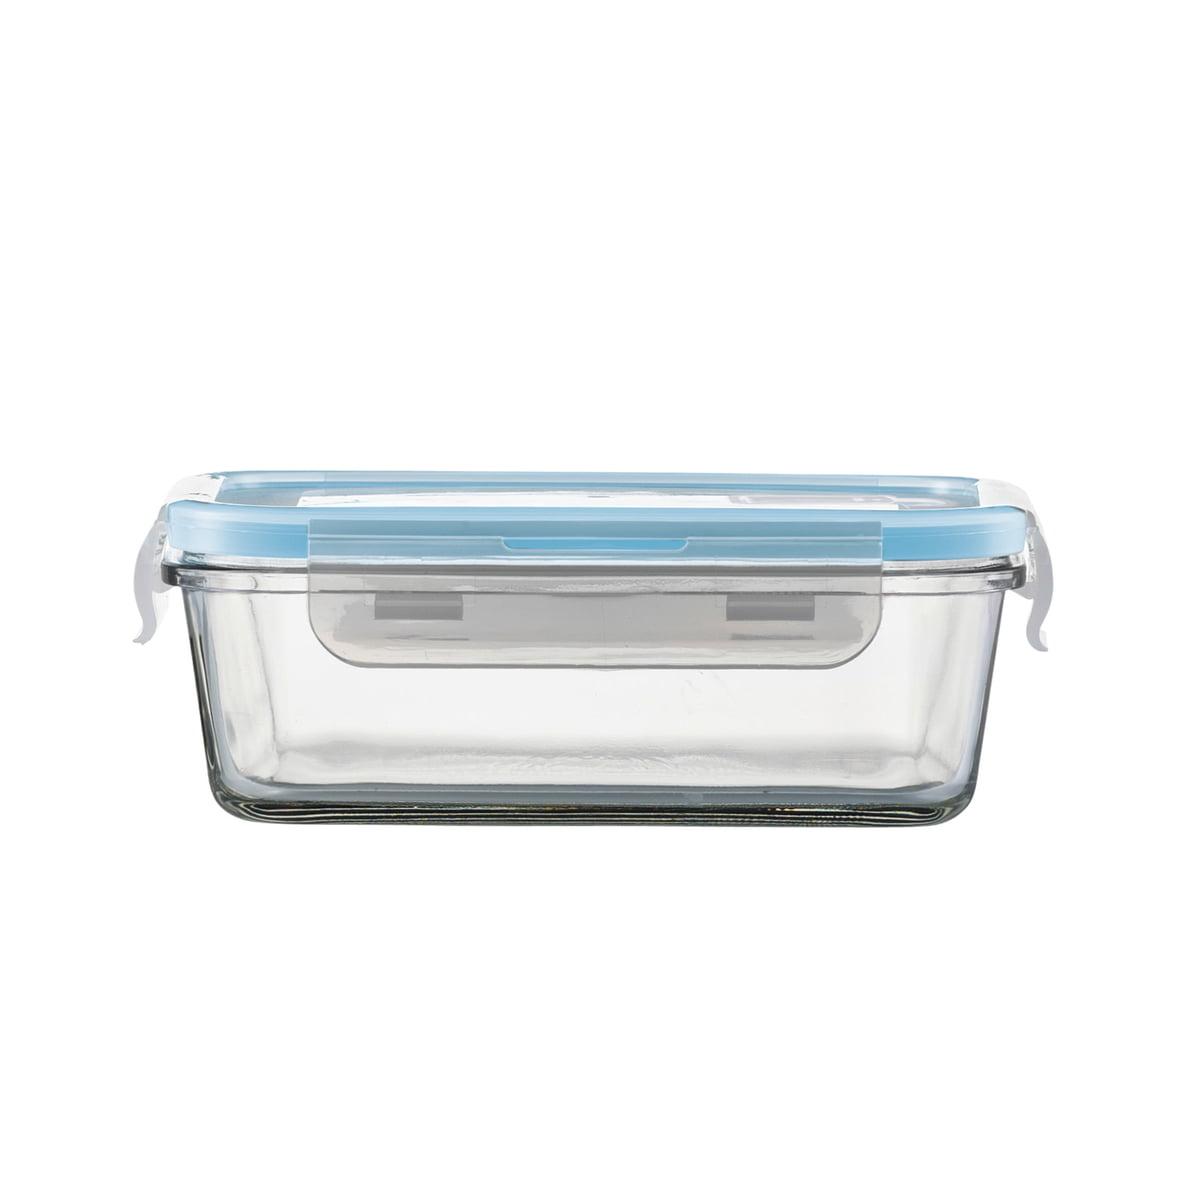 cucina glas auflaufform mit deckel rechteckig von jenaer glas connox. Black Bedroom Furniture Sets. Home Design Ideas